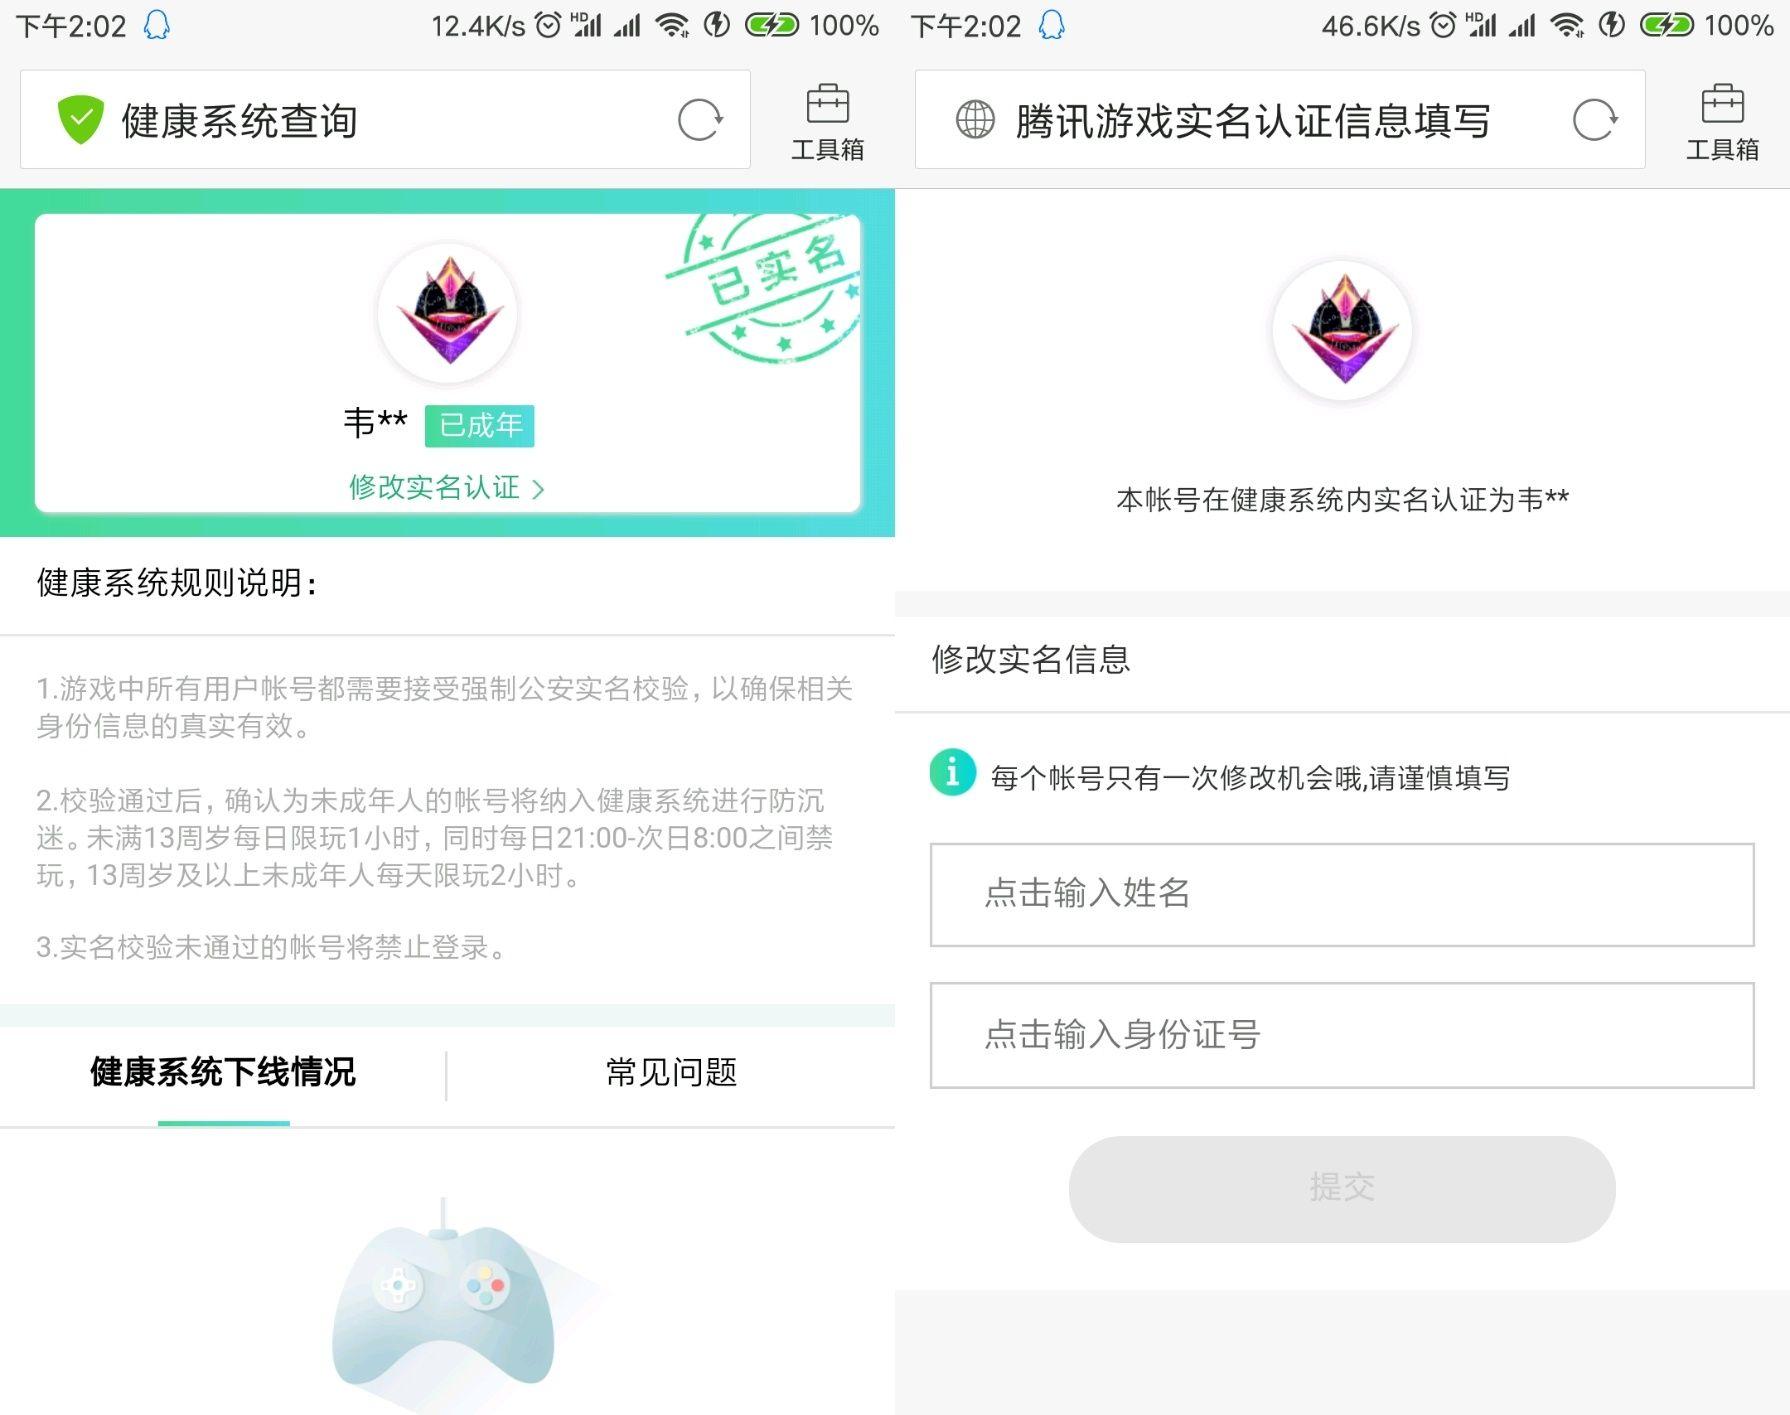 2019年9月实名认证解除QQ防沉迷